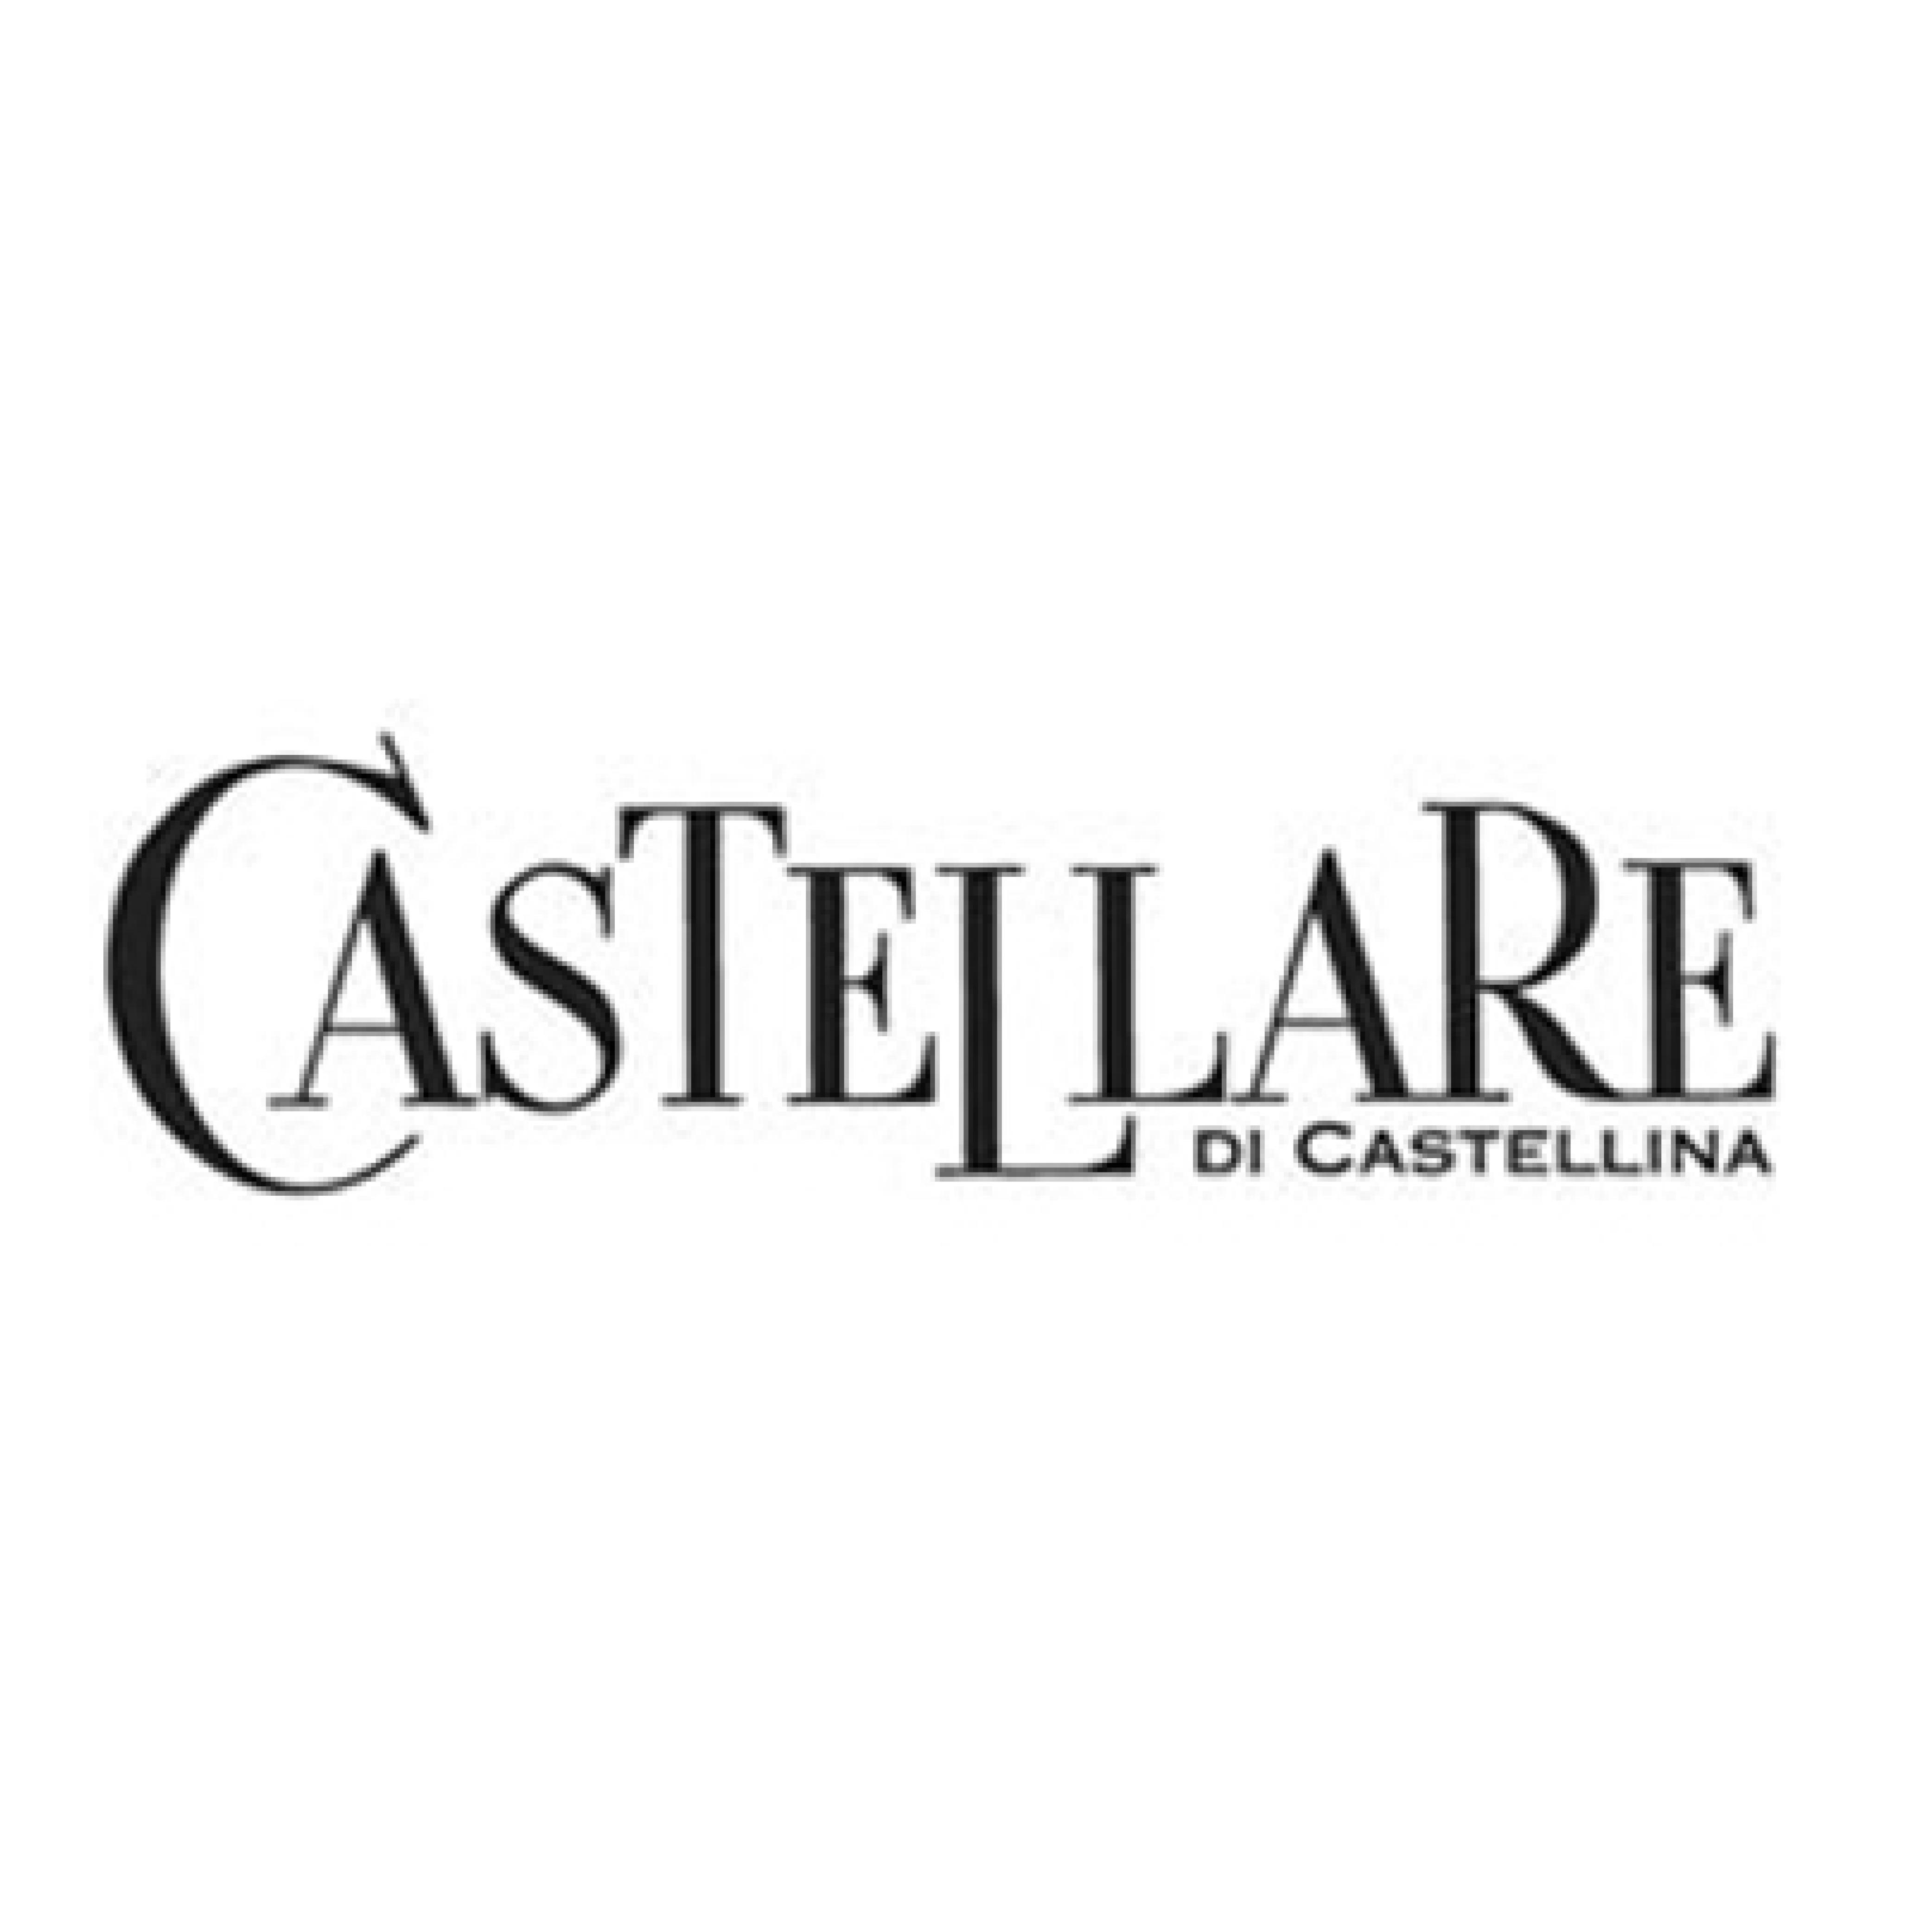 Castellare a Vinòforum Cla